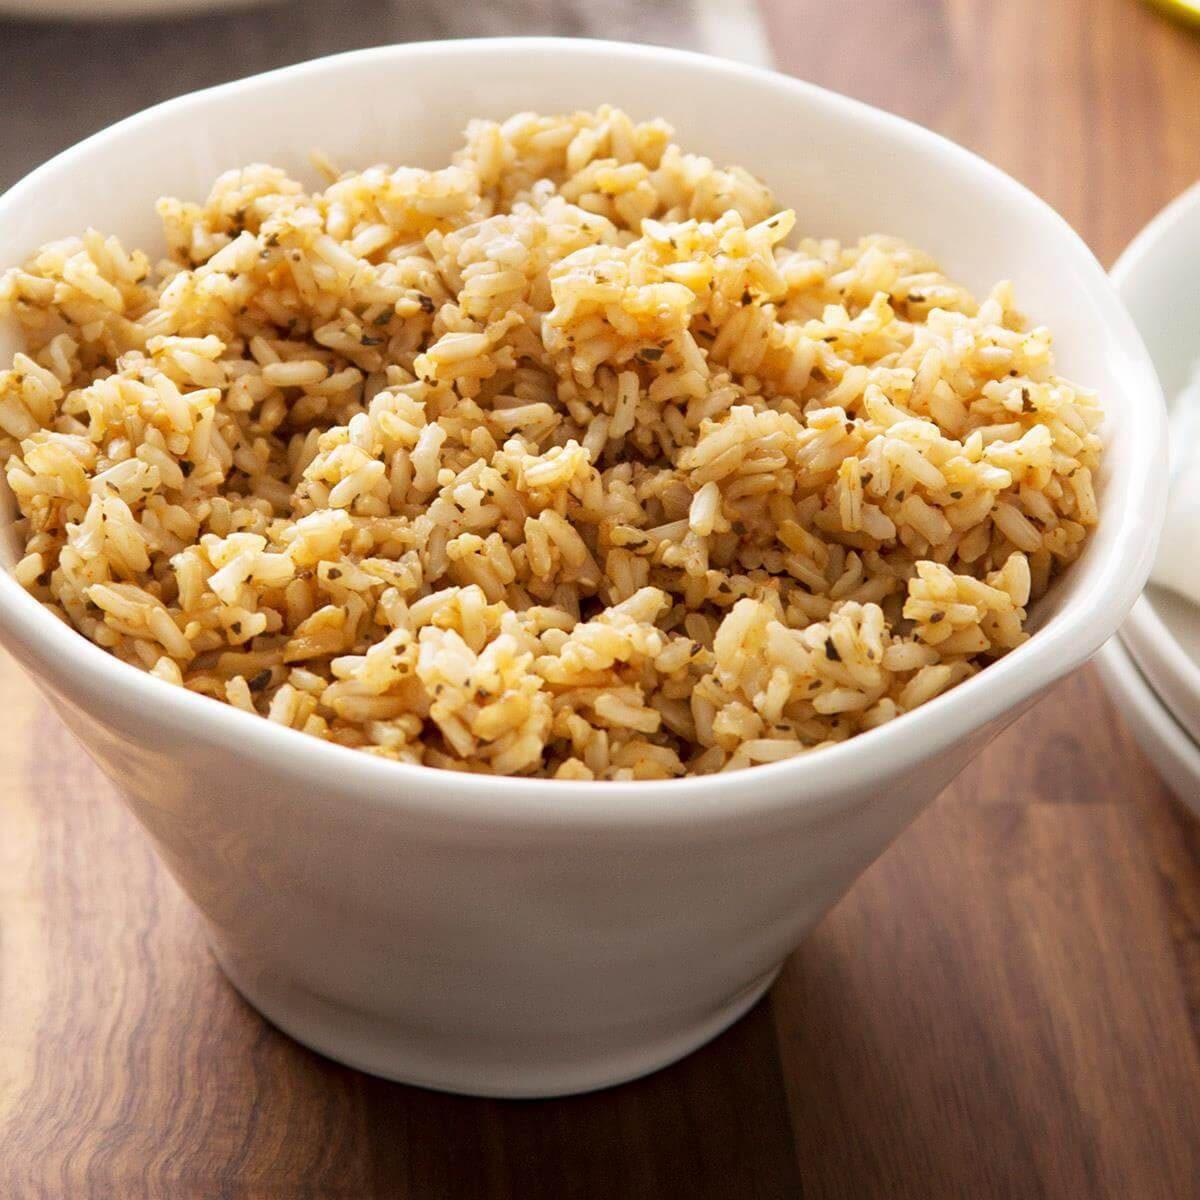 Les glucides du riz complet sont bons pour la santé.